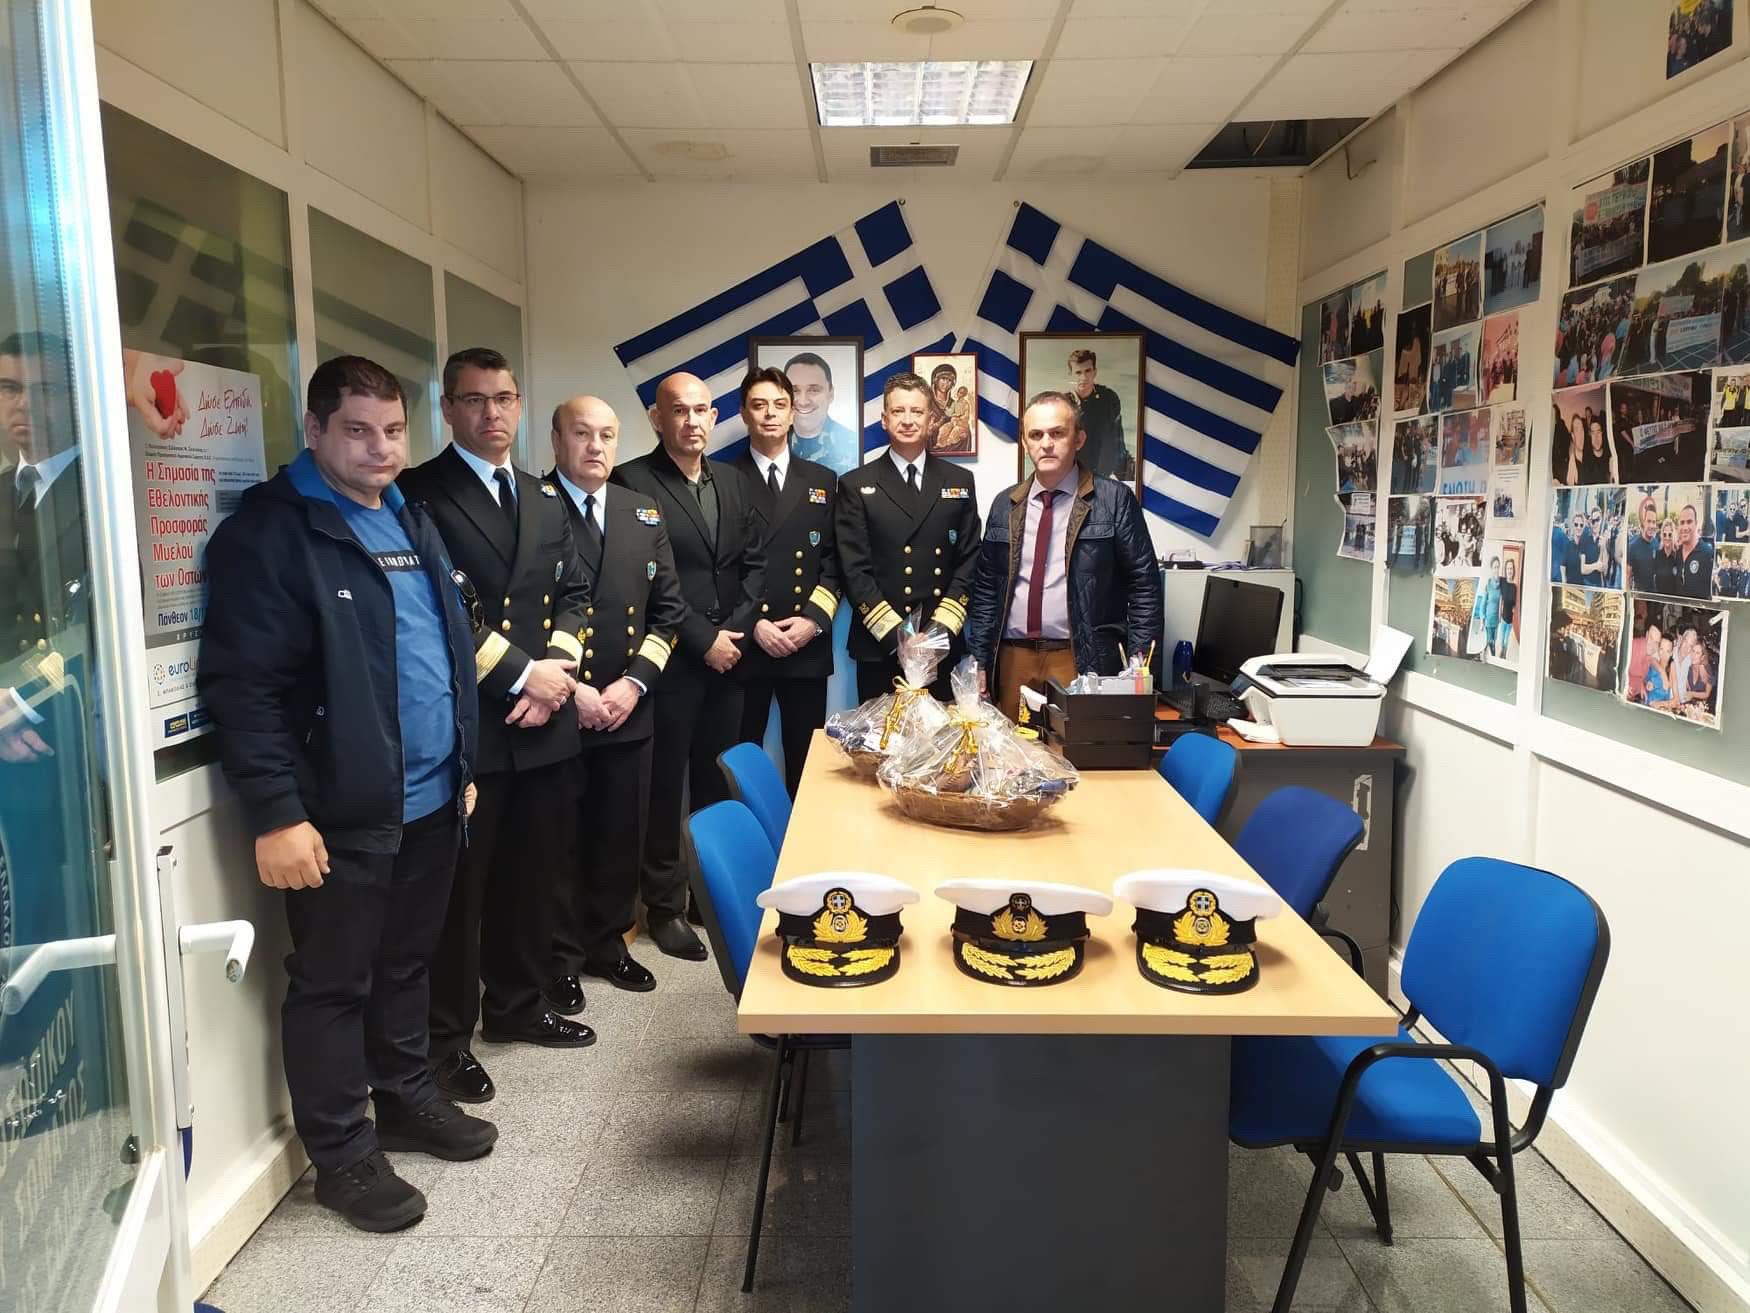 Συνάντηση μελών ΔΣ ΕΠΛΣ ΒΔ Ελλάδας με τον Αρχηγό ΛΣ-ΕΛΑΚΤ